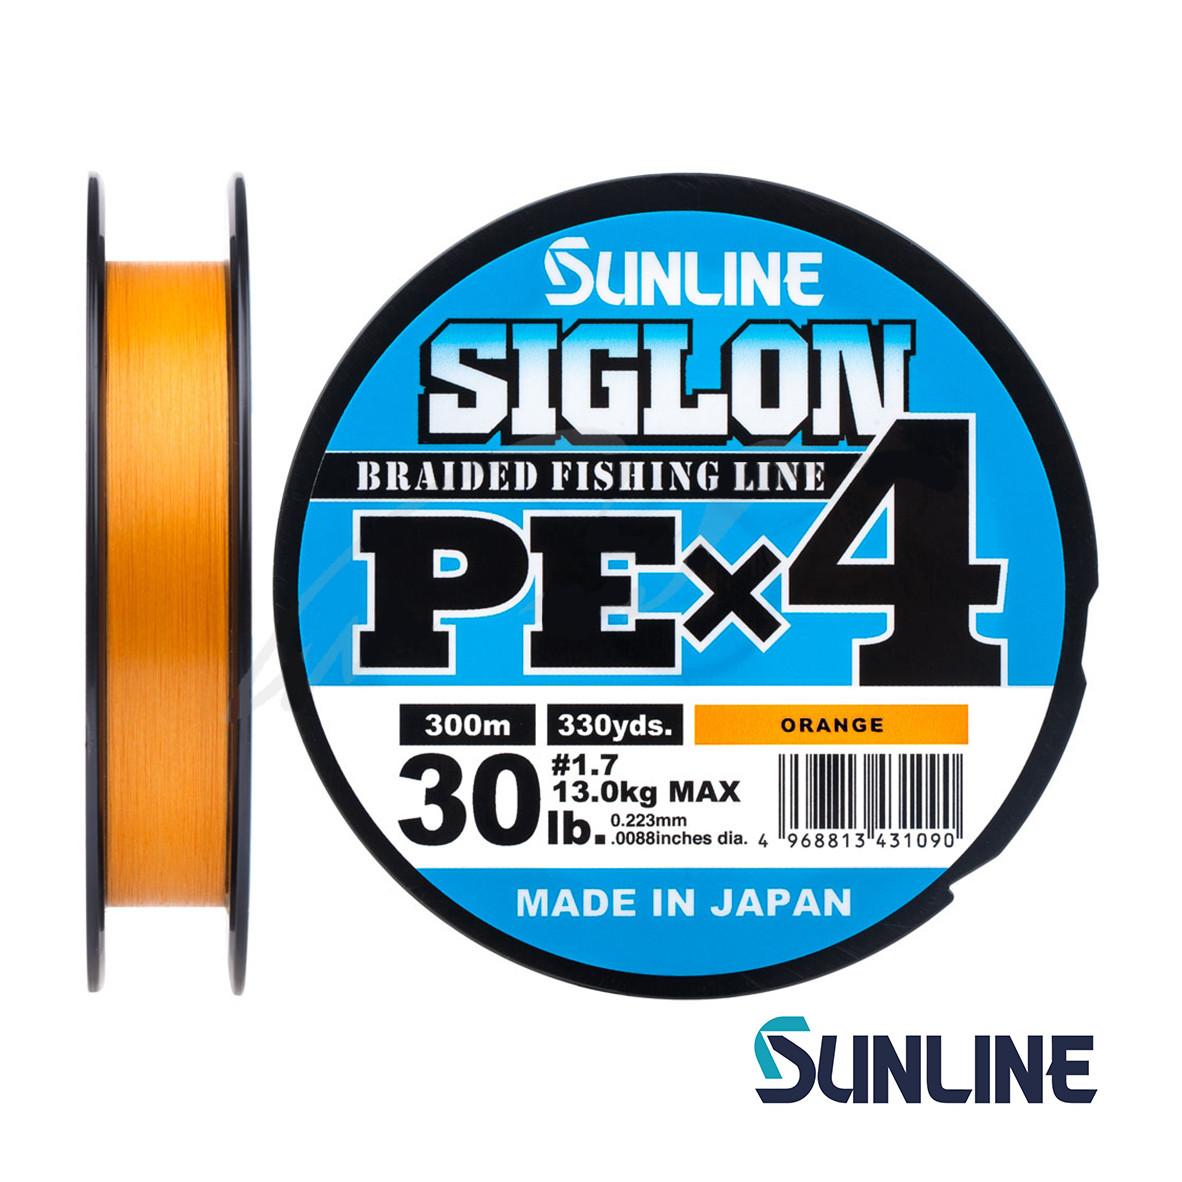 Шнур Sunline Siglon PE х4 150m (оранж.) #1.5/0.209mm 25lb/11.0kg